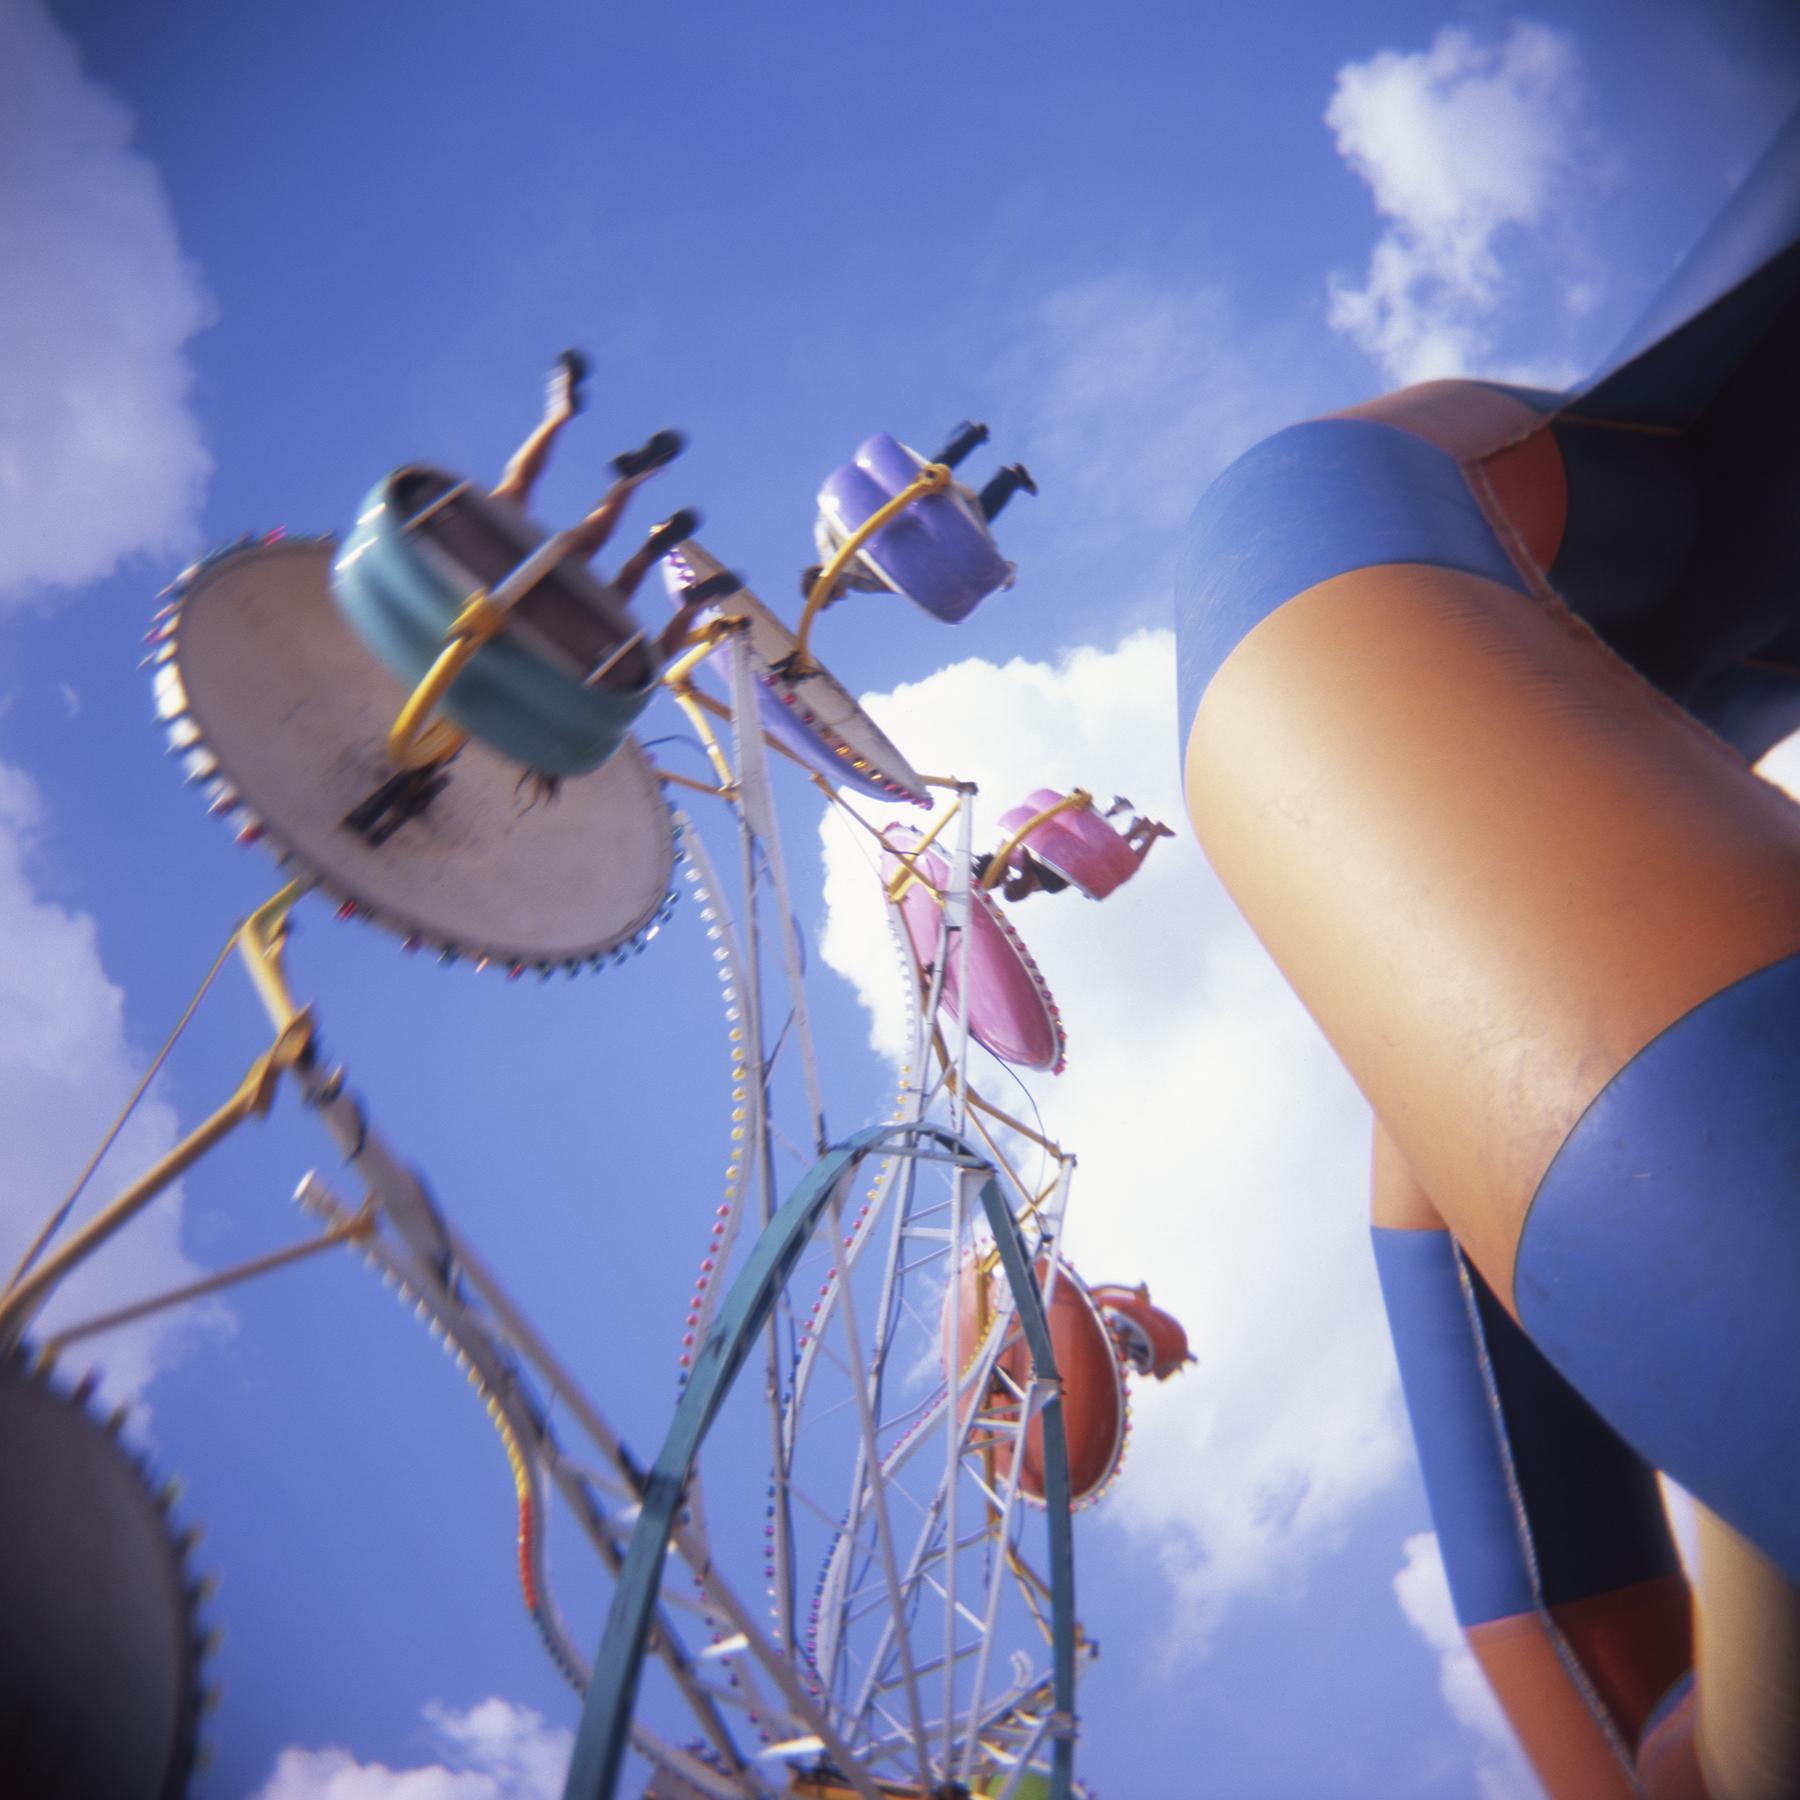 Carnival Sky_Holga Velvia100_BradLechner.jpg